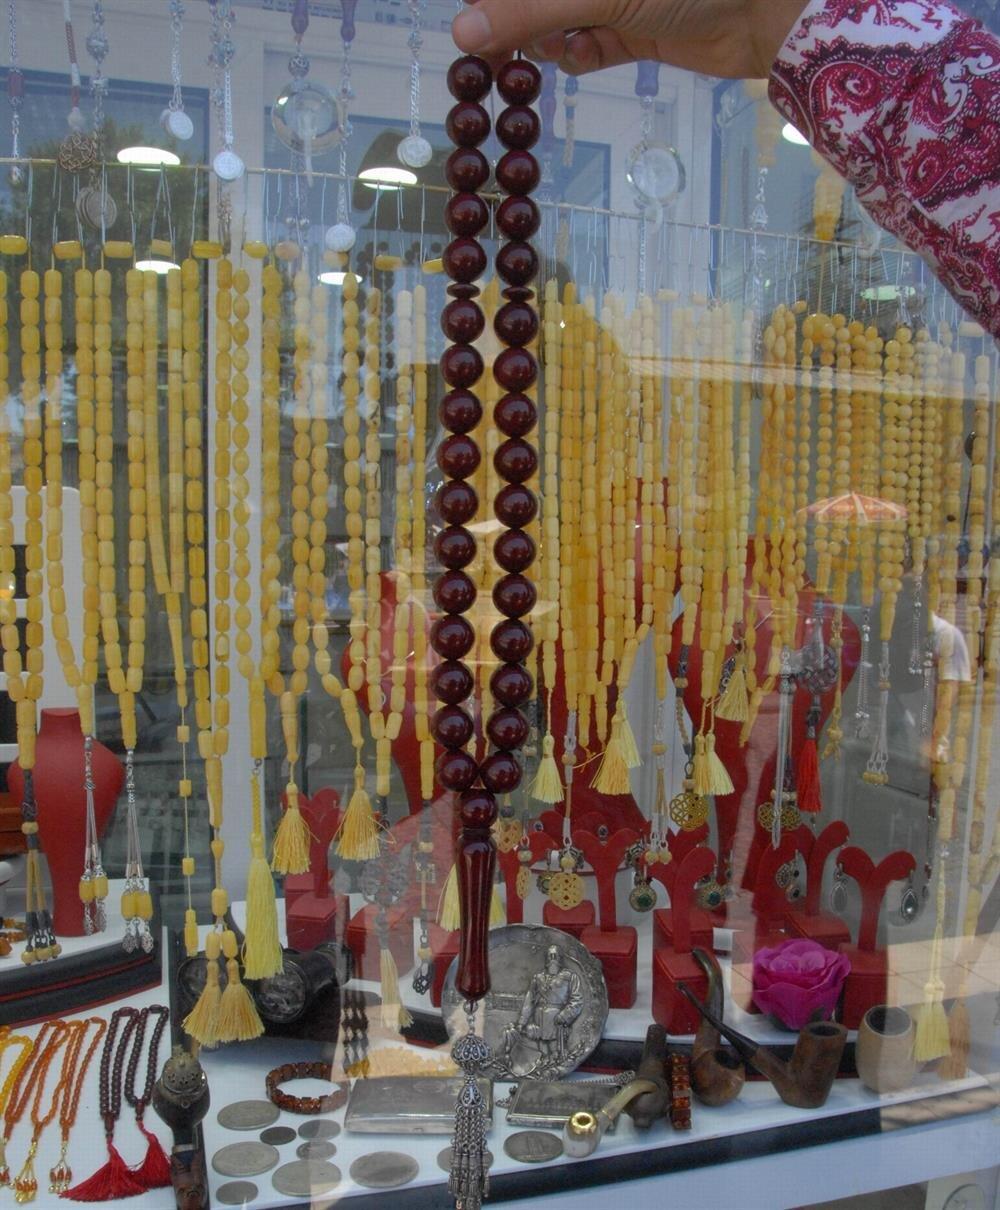 Dükkandaki ürünlerin tamamı, 500 bin lirayı geçiyor.